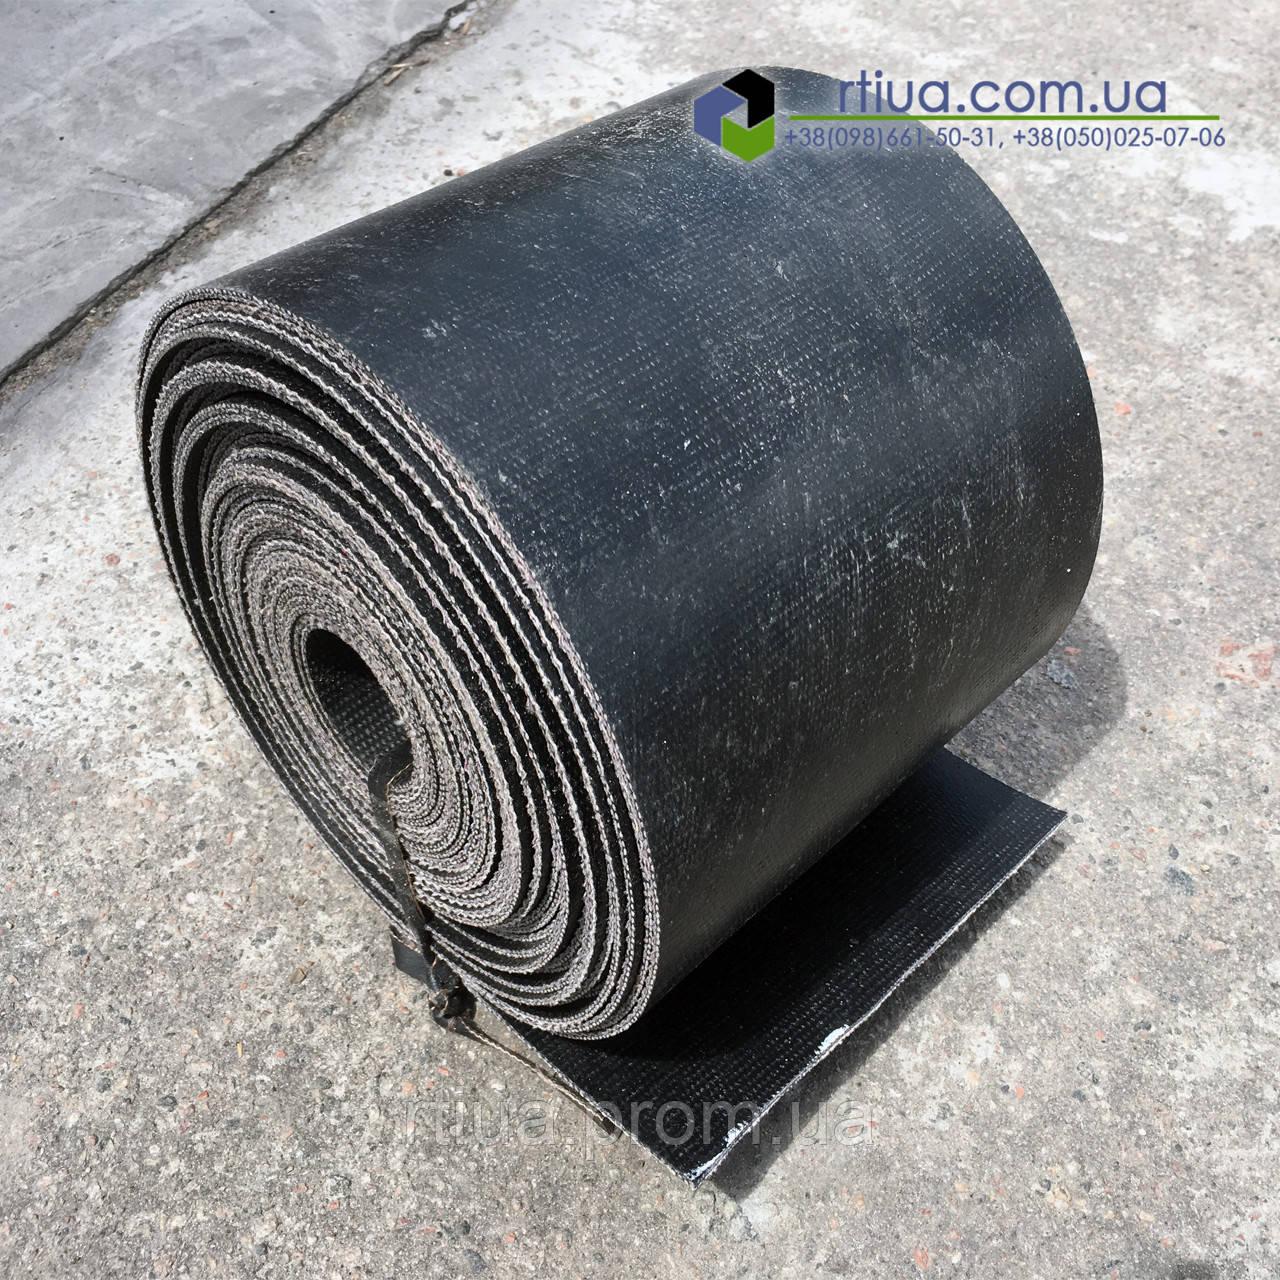 Транспортерная лента БКНЛ, 300х8 мм